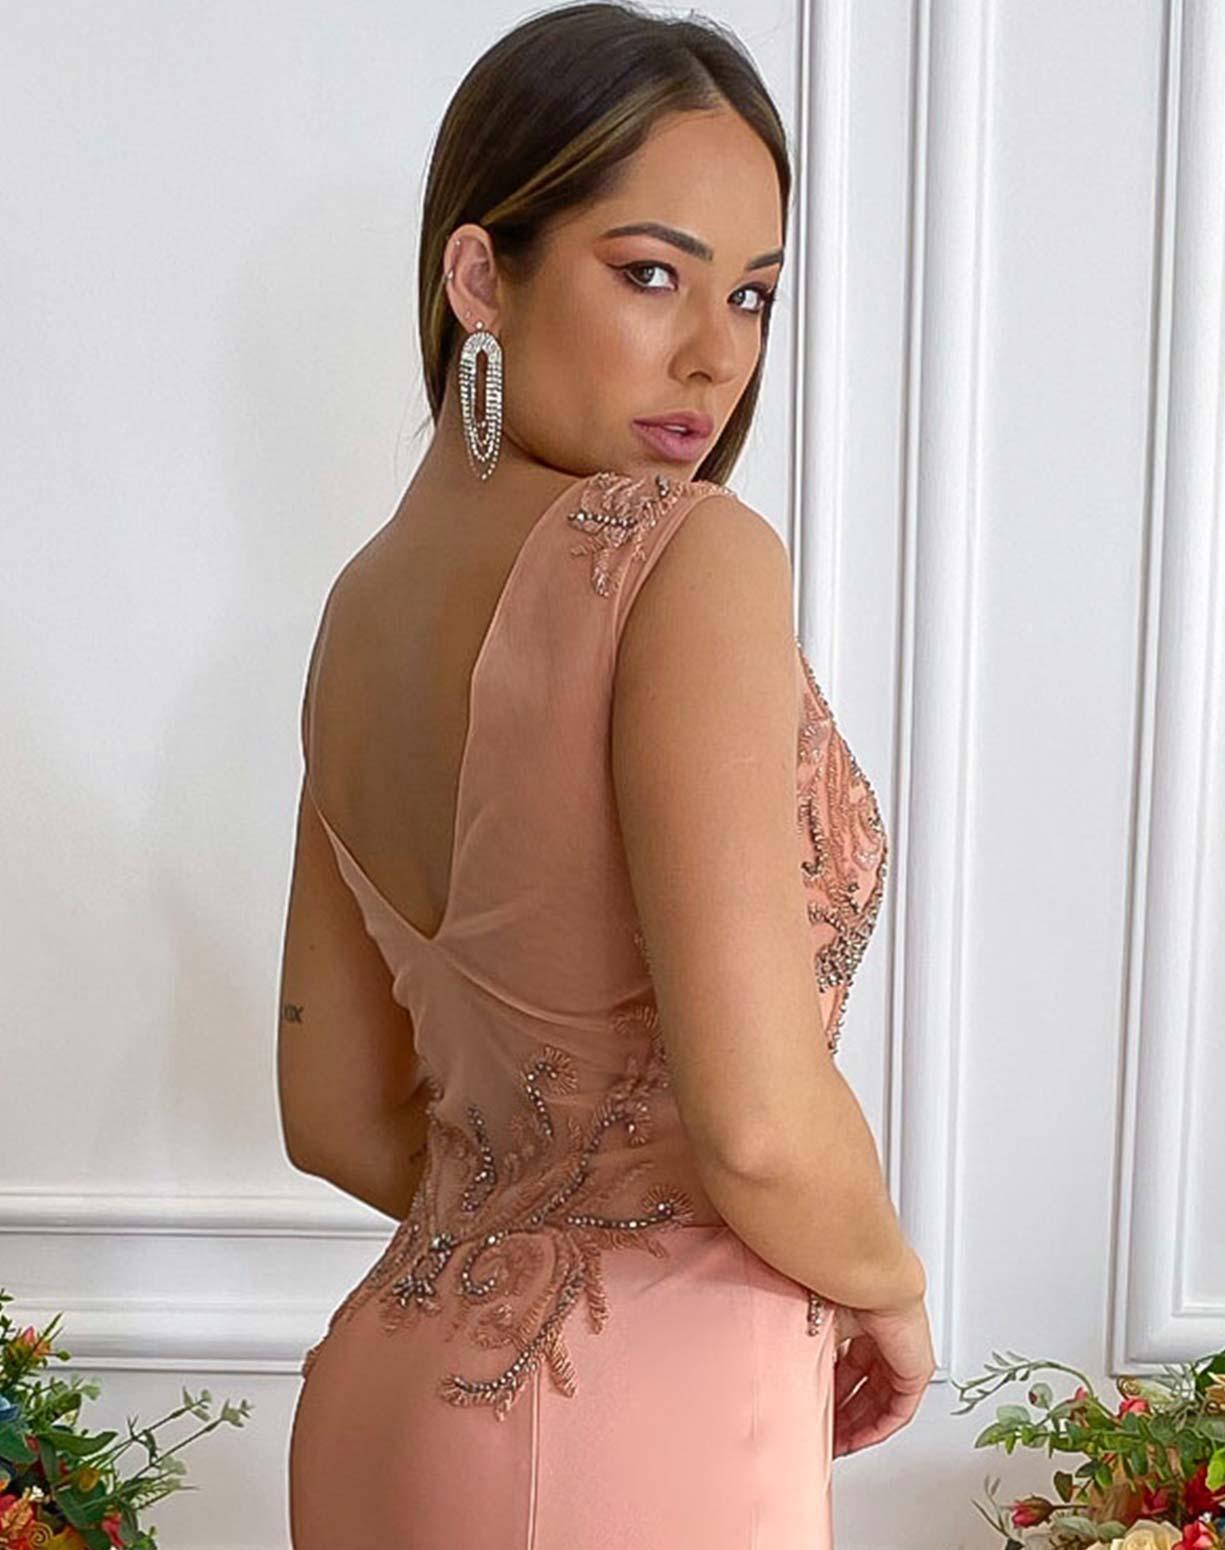 Vestido Nude Rosado Sereia com Bordados no Corpo e Decote em Transparência nas Costas